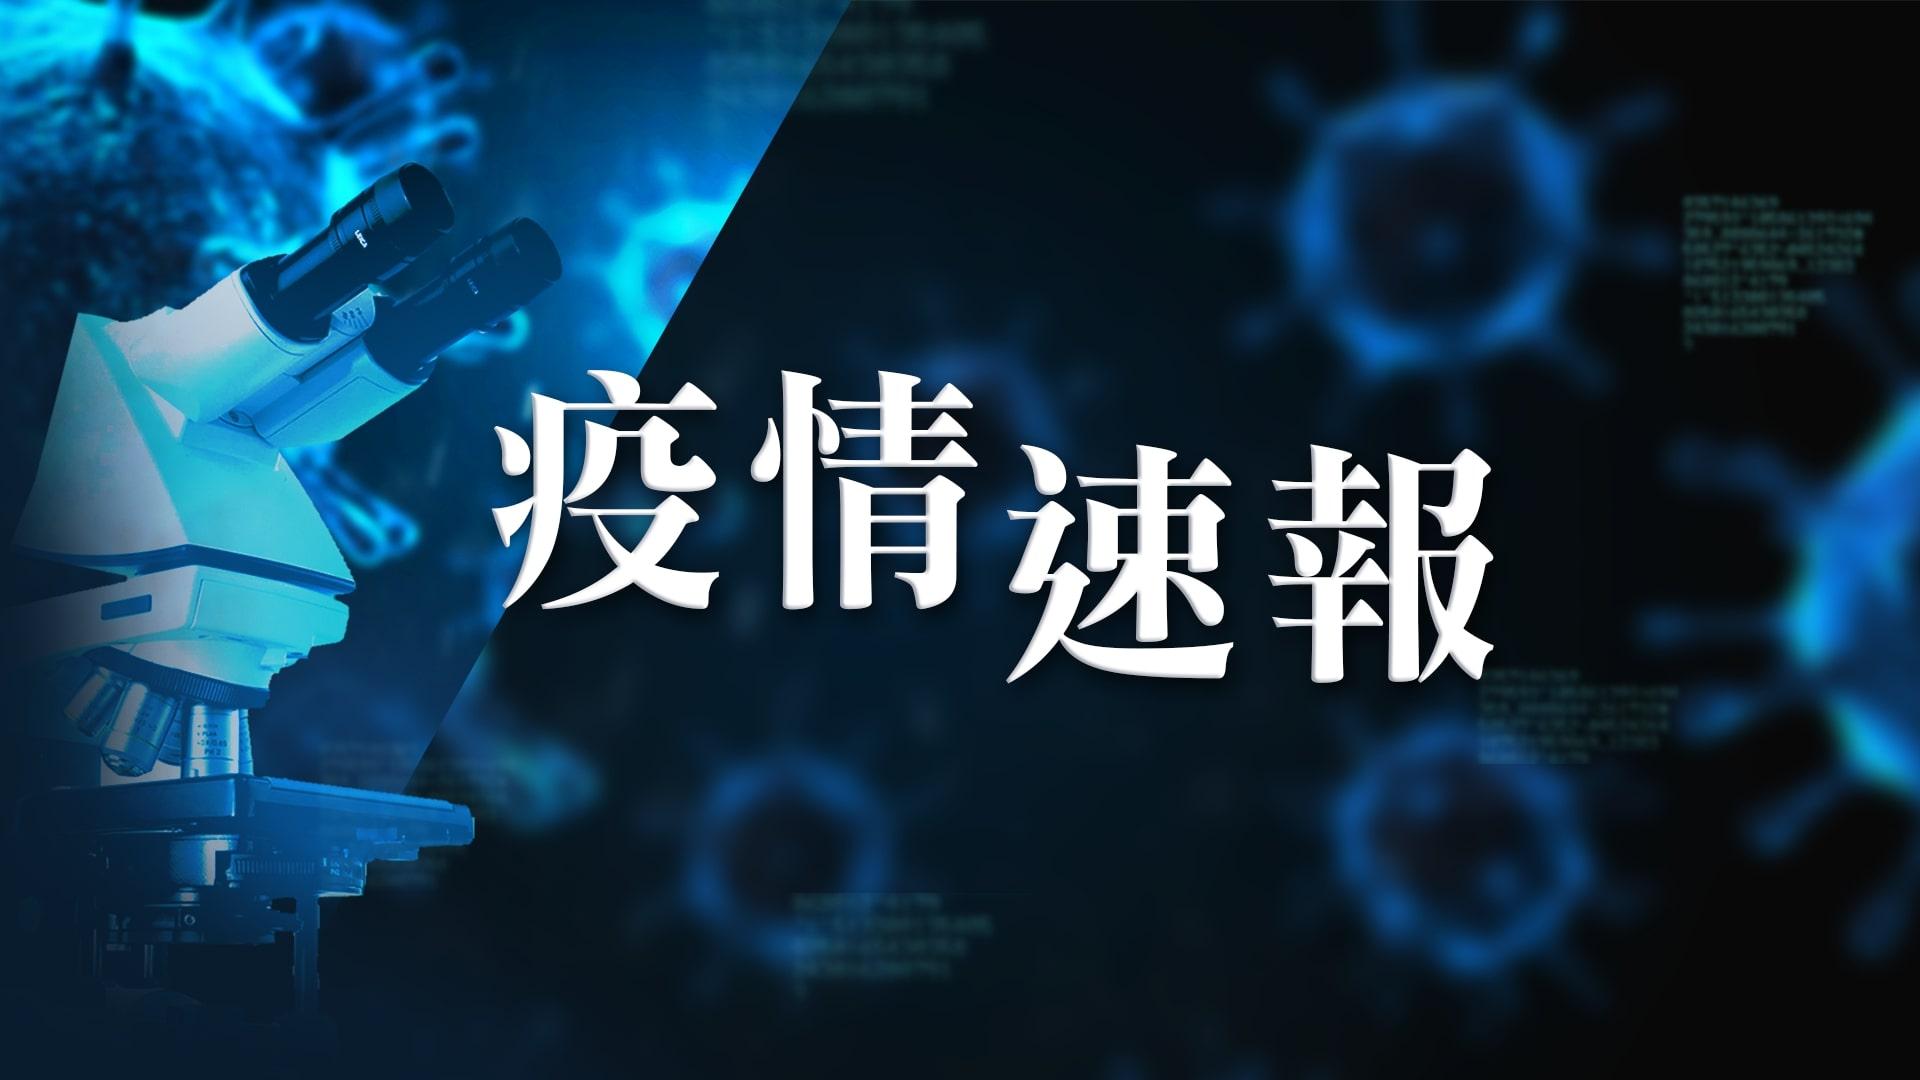 【7月25日疫情速報】(22:30)